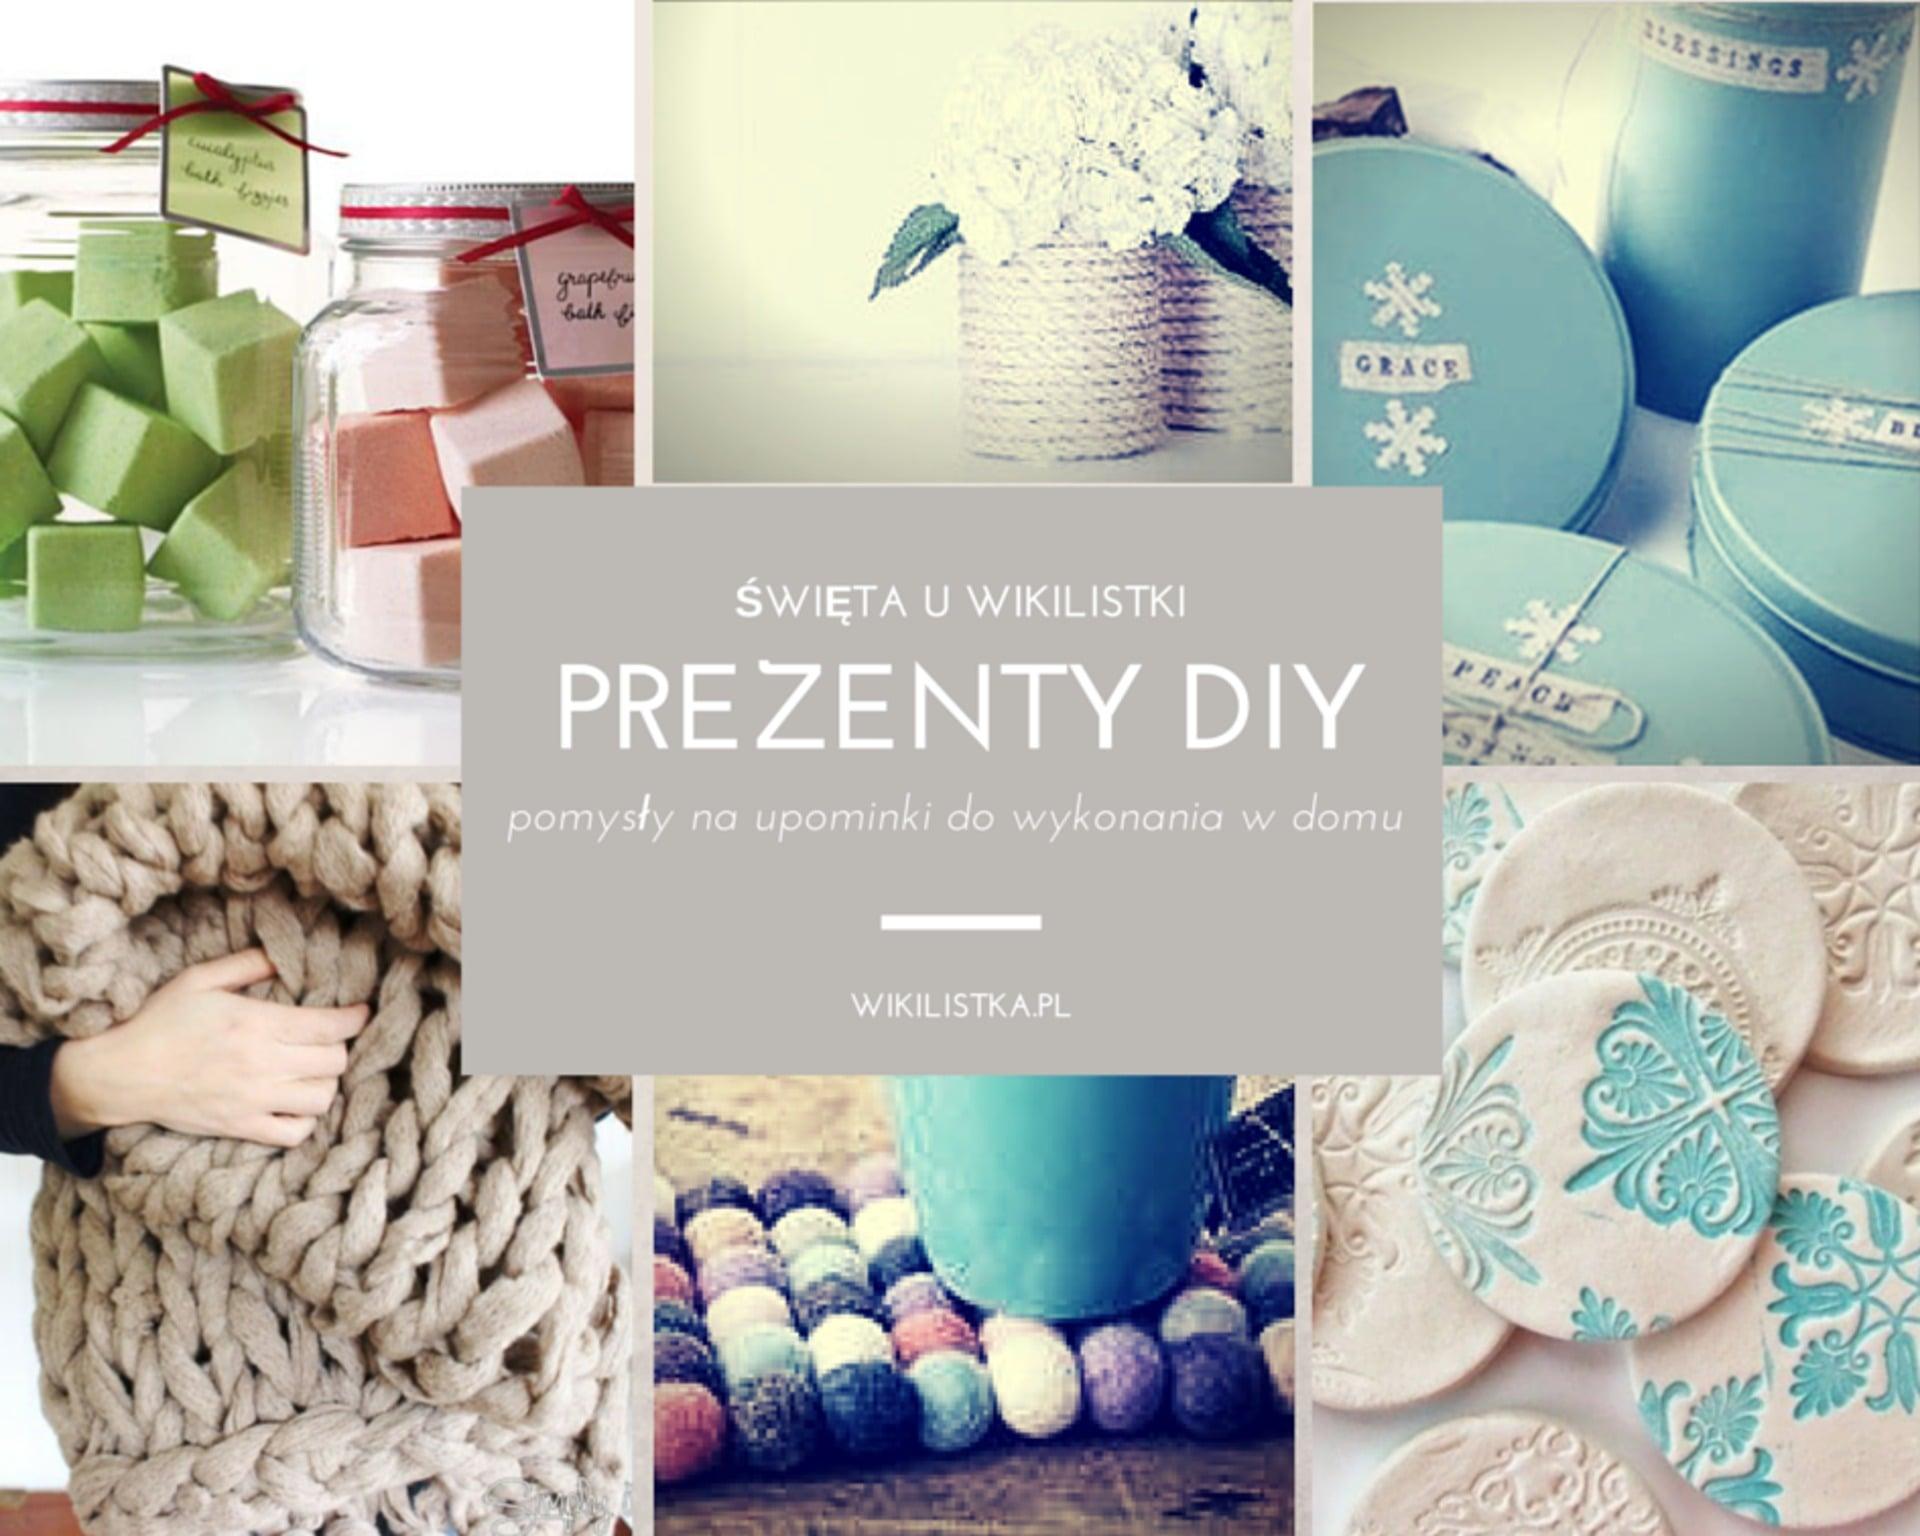 Prezent DIY święta u Wikilistki - pomysły na upominki do wykonania w domu. Cukier w kostkach, pudełka